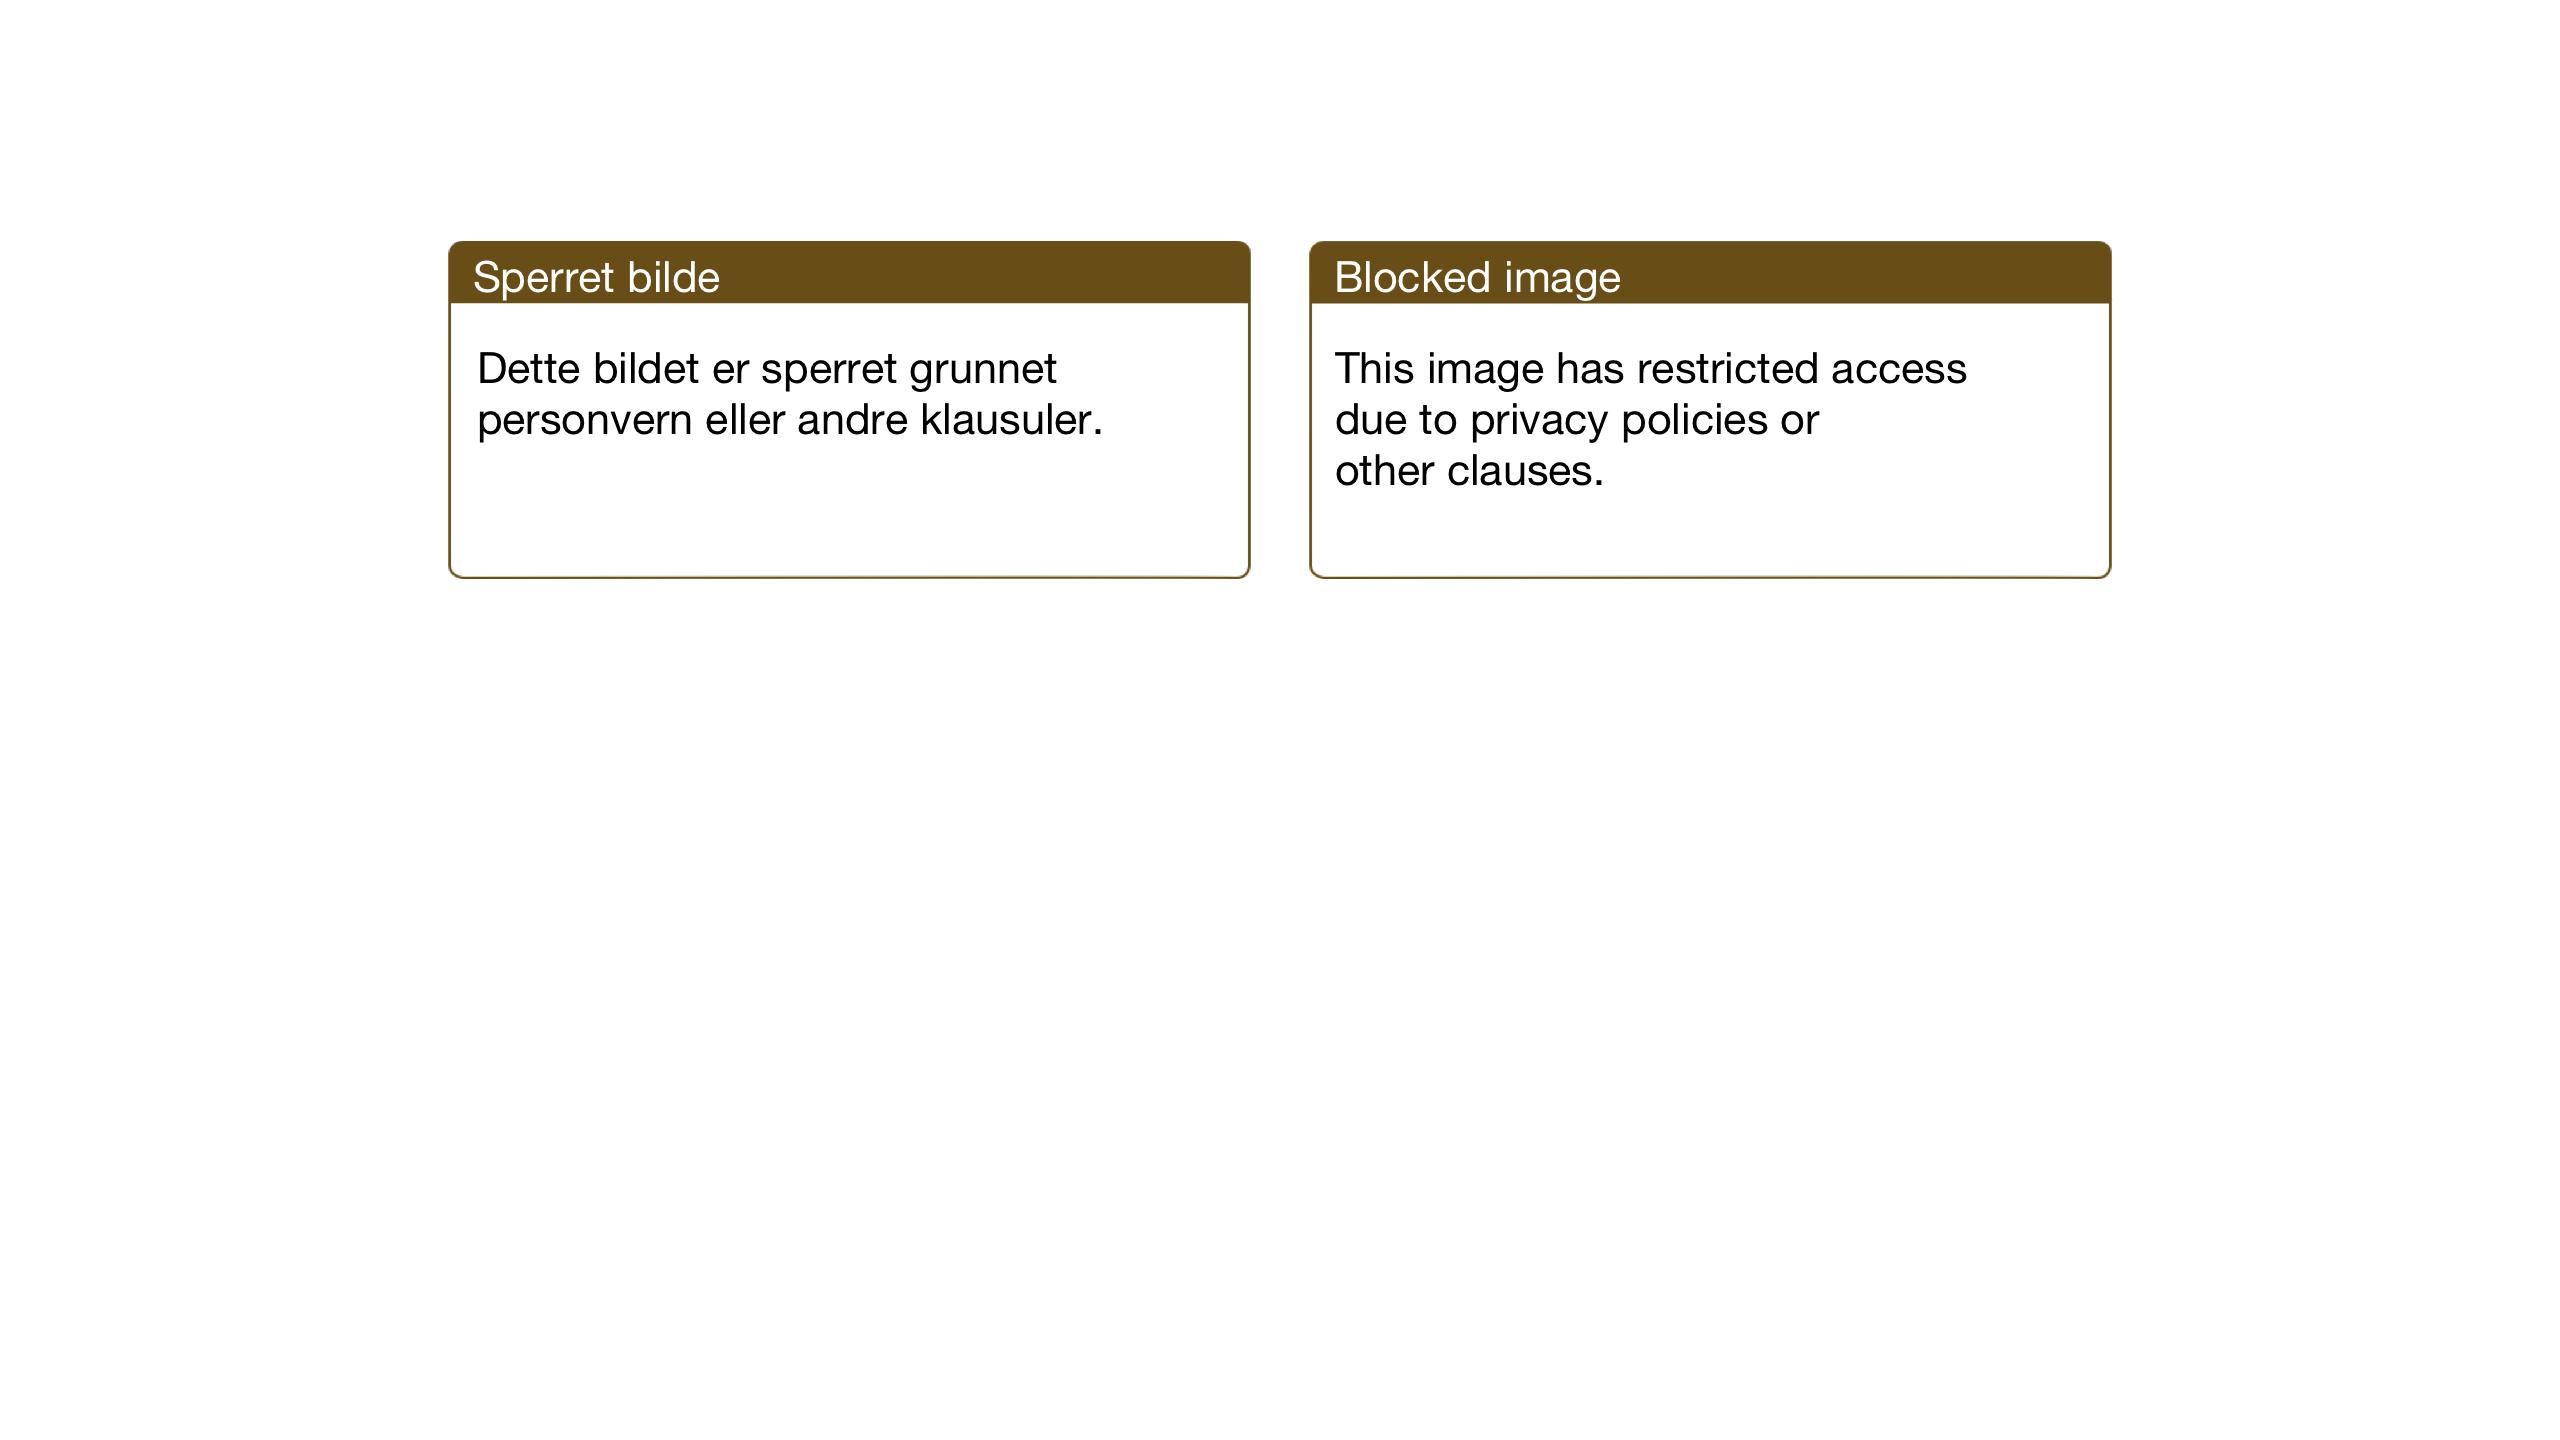 SAT, Ministerialprotokoller, klokkerbøker og fødselsregistre - Sør-Trøndelag, 670/L0837: Klokkerbok nr. 670C01, 1905-1946, s. 130-131